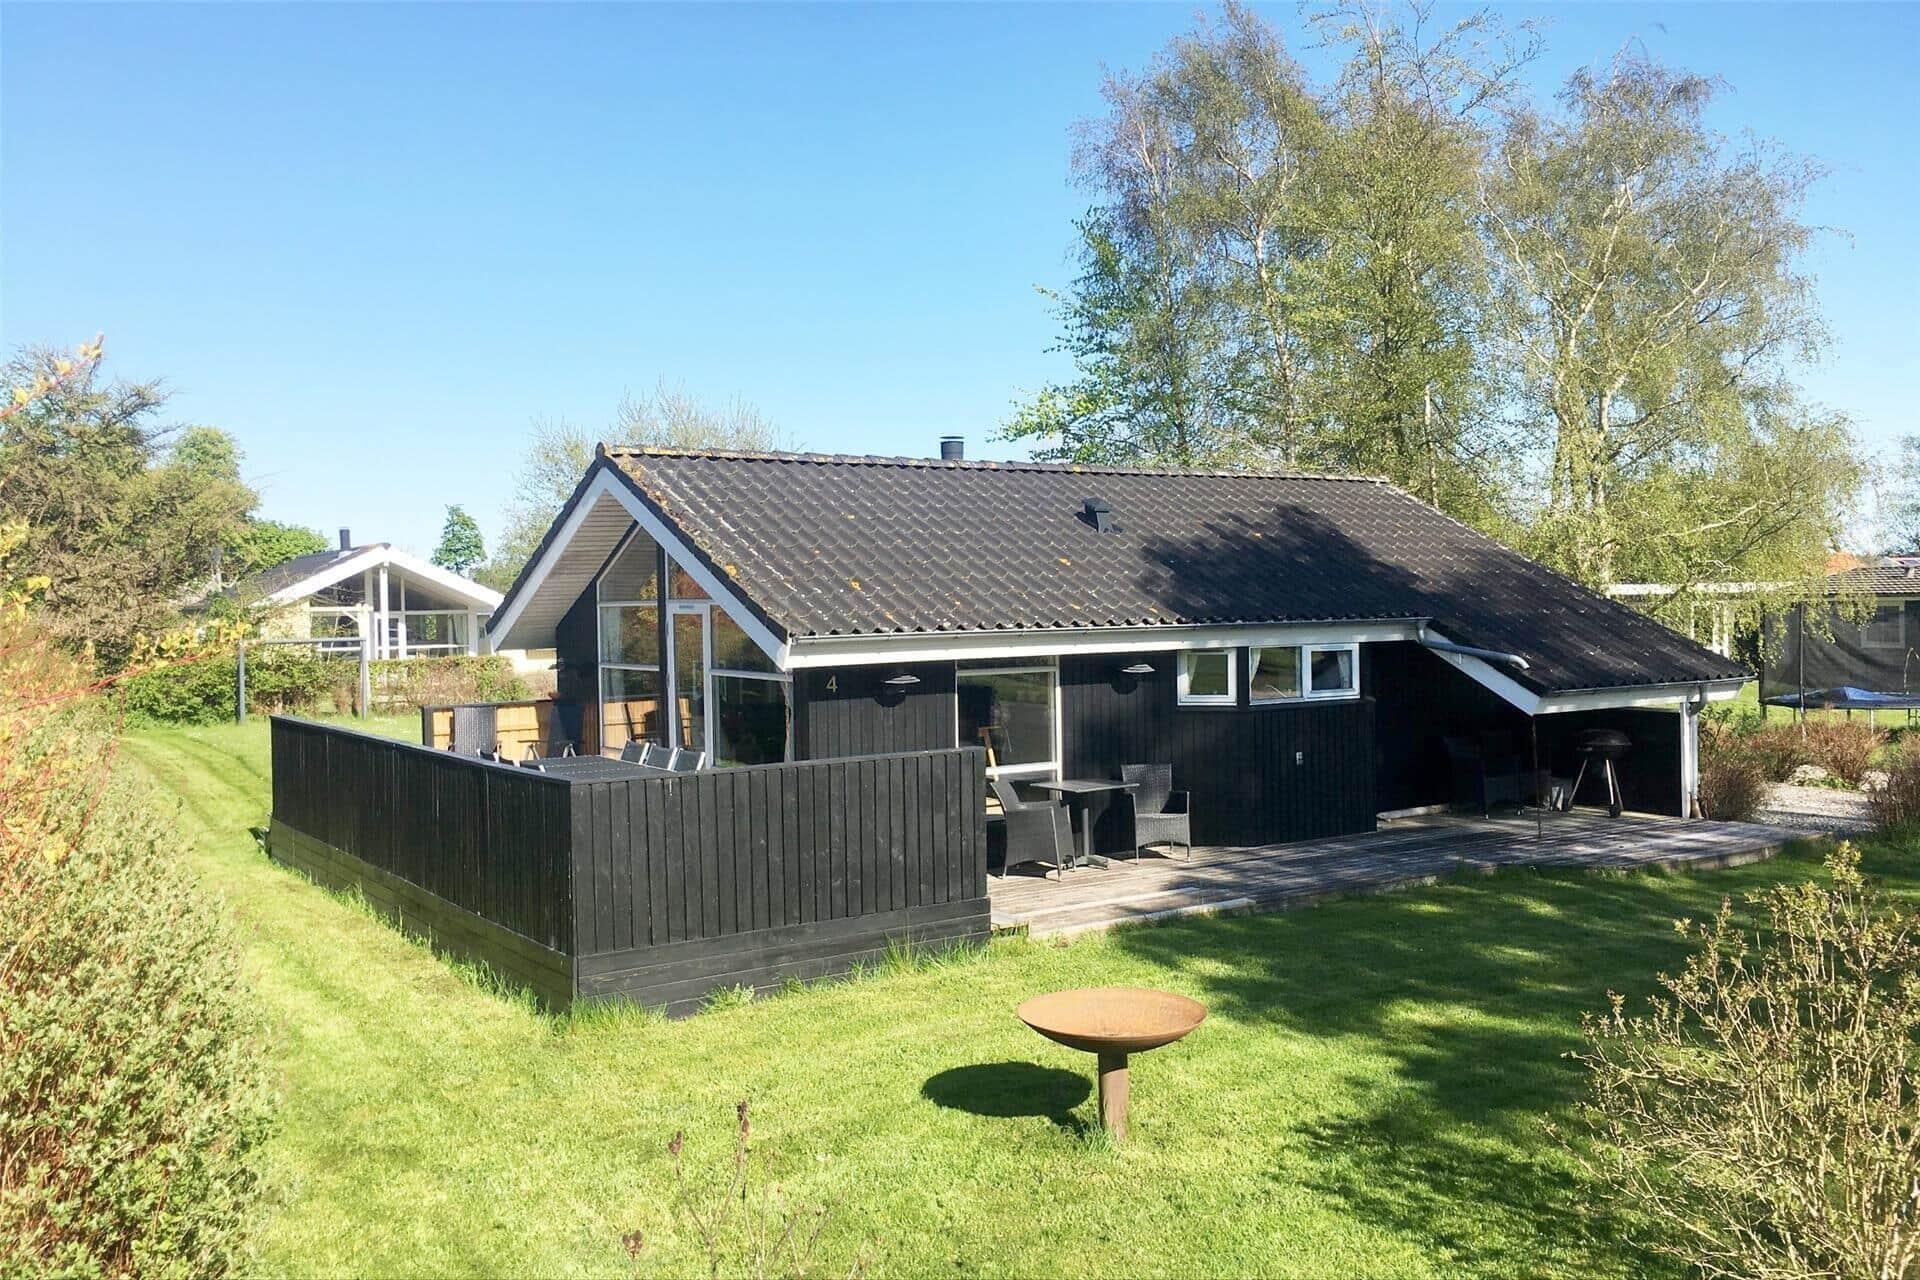 Afbeelding 1-3 Vakantiehuis M64372, Sneppevej 4, DK - 5464 Brenderup Fyn